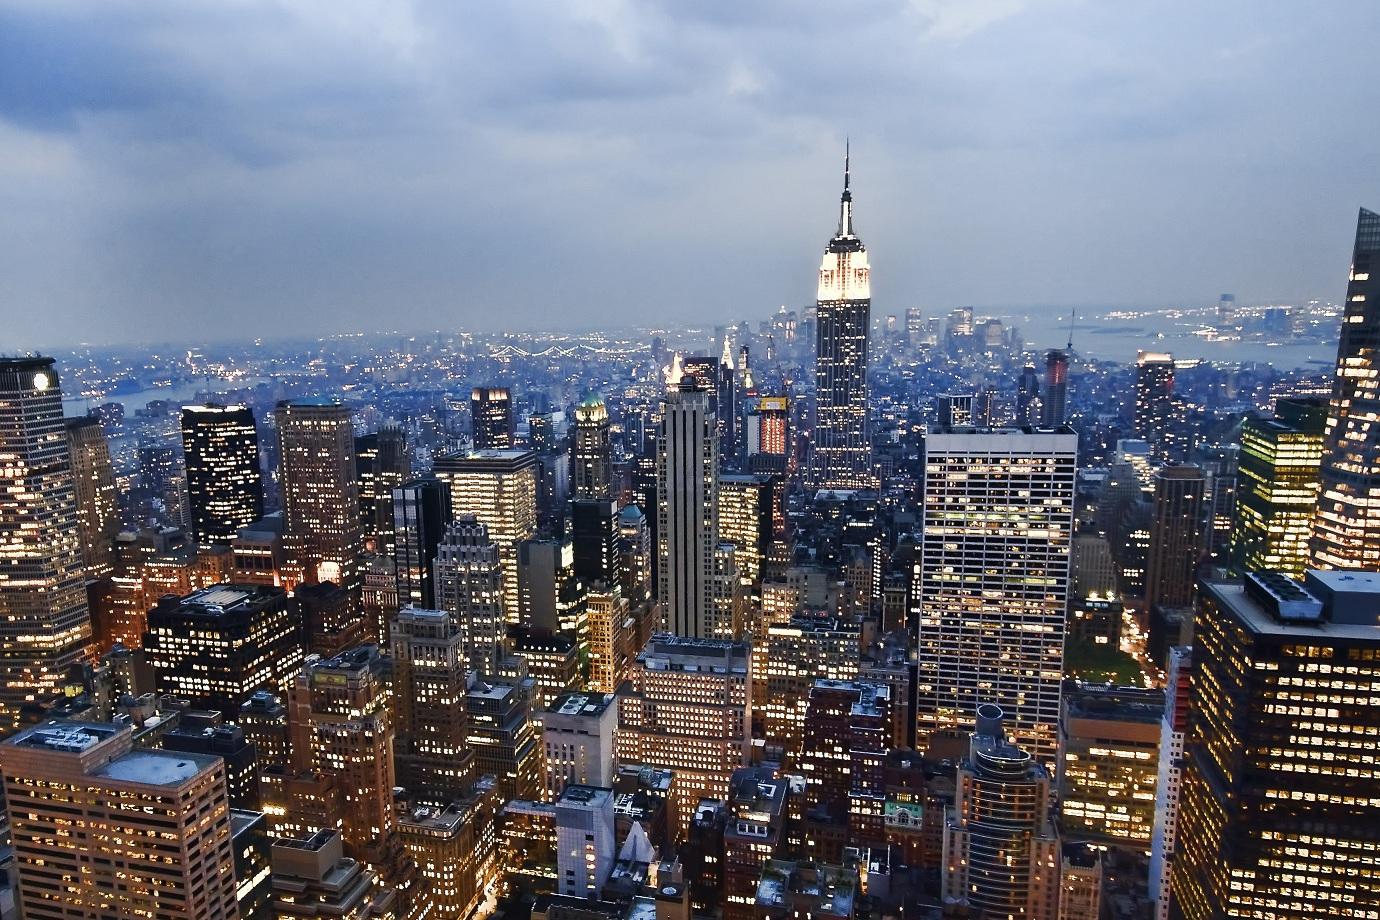 new-york-skyline-at-night-city-lights